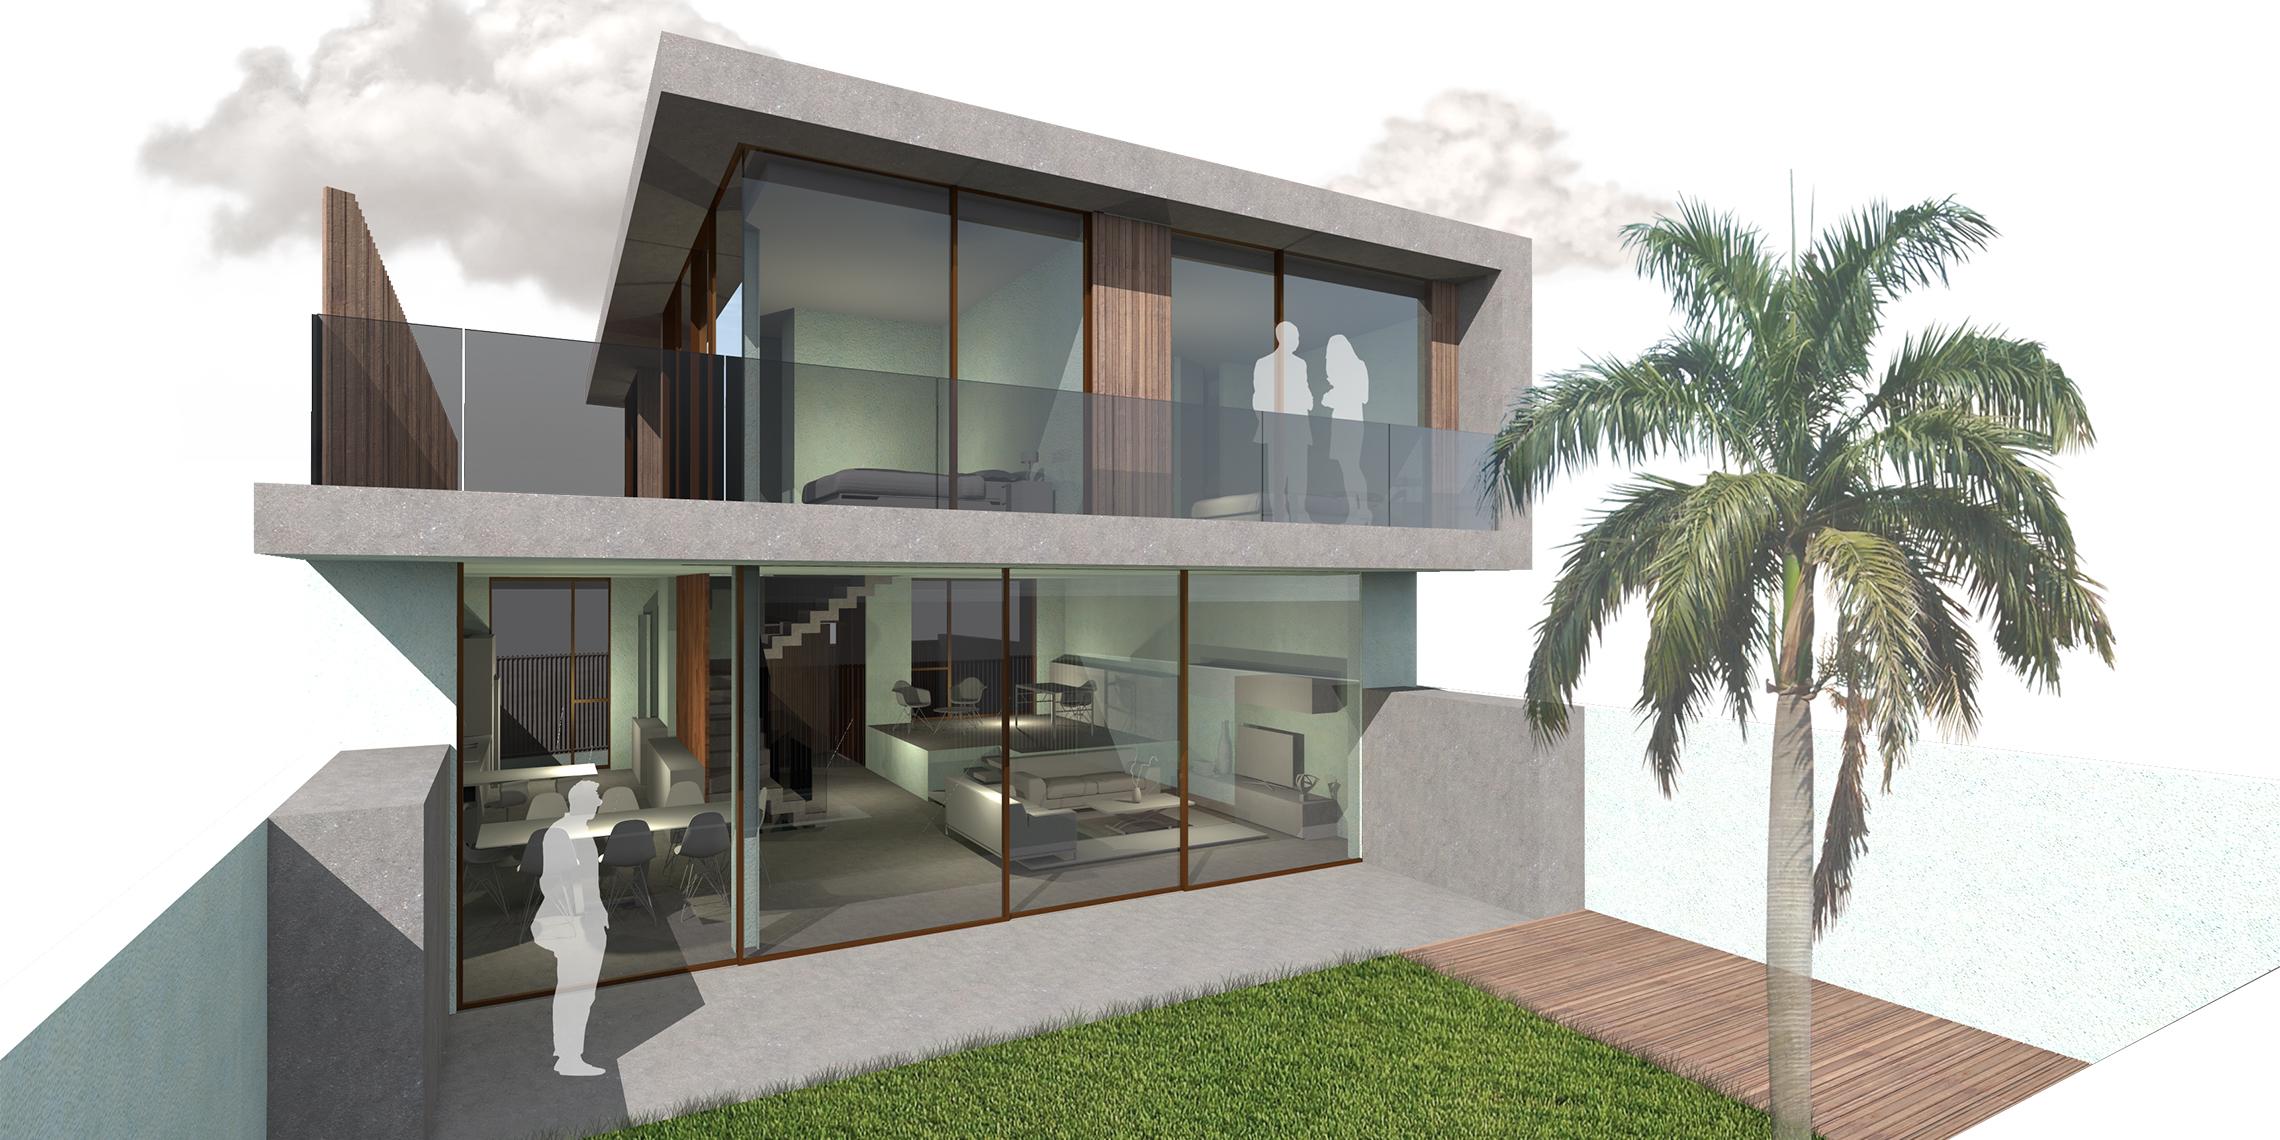 vivienda unifamiliar en nueva almeria en ejecucion | J2 arquitectos